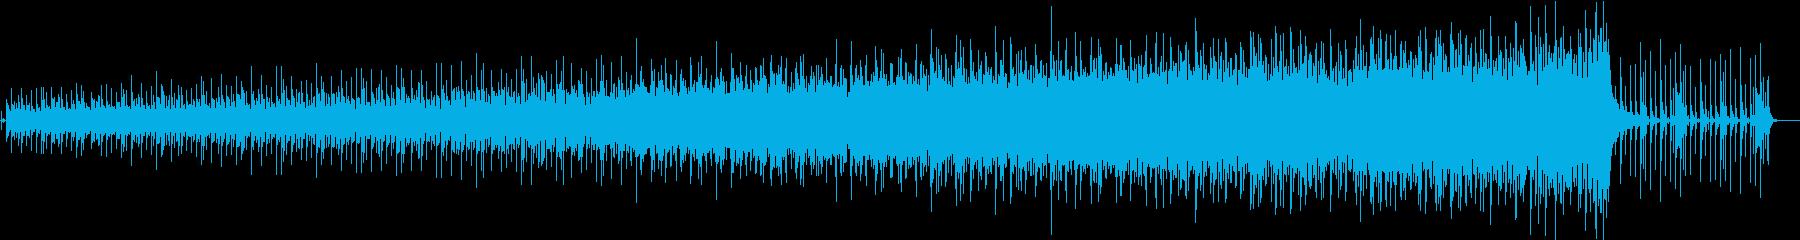 シンセベースの連打が印象的な16ビートの再生済みの波形